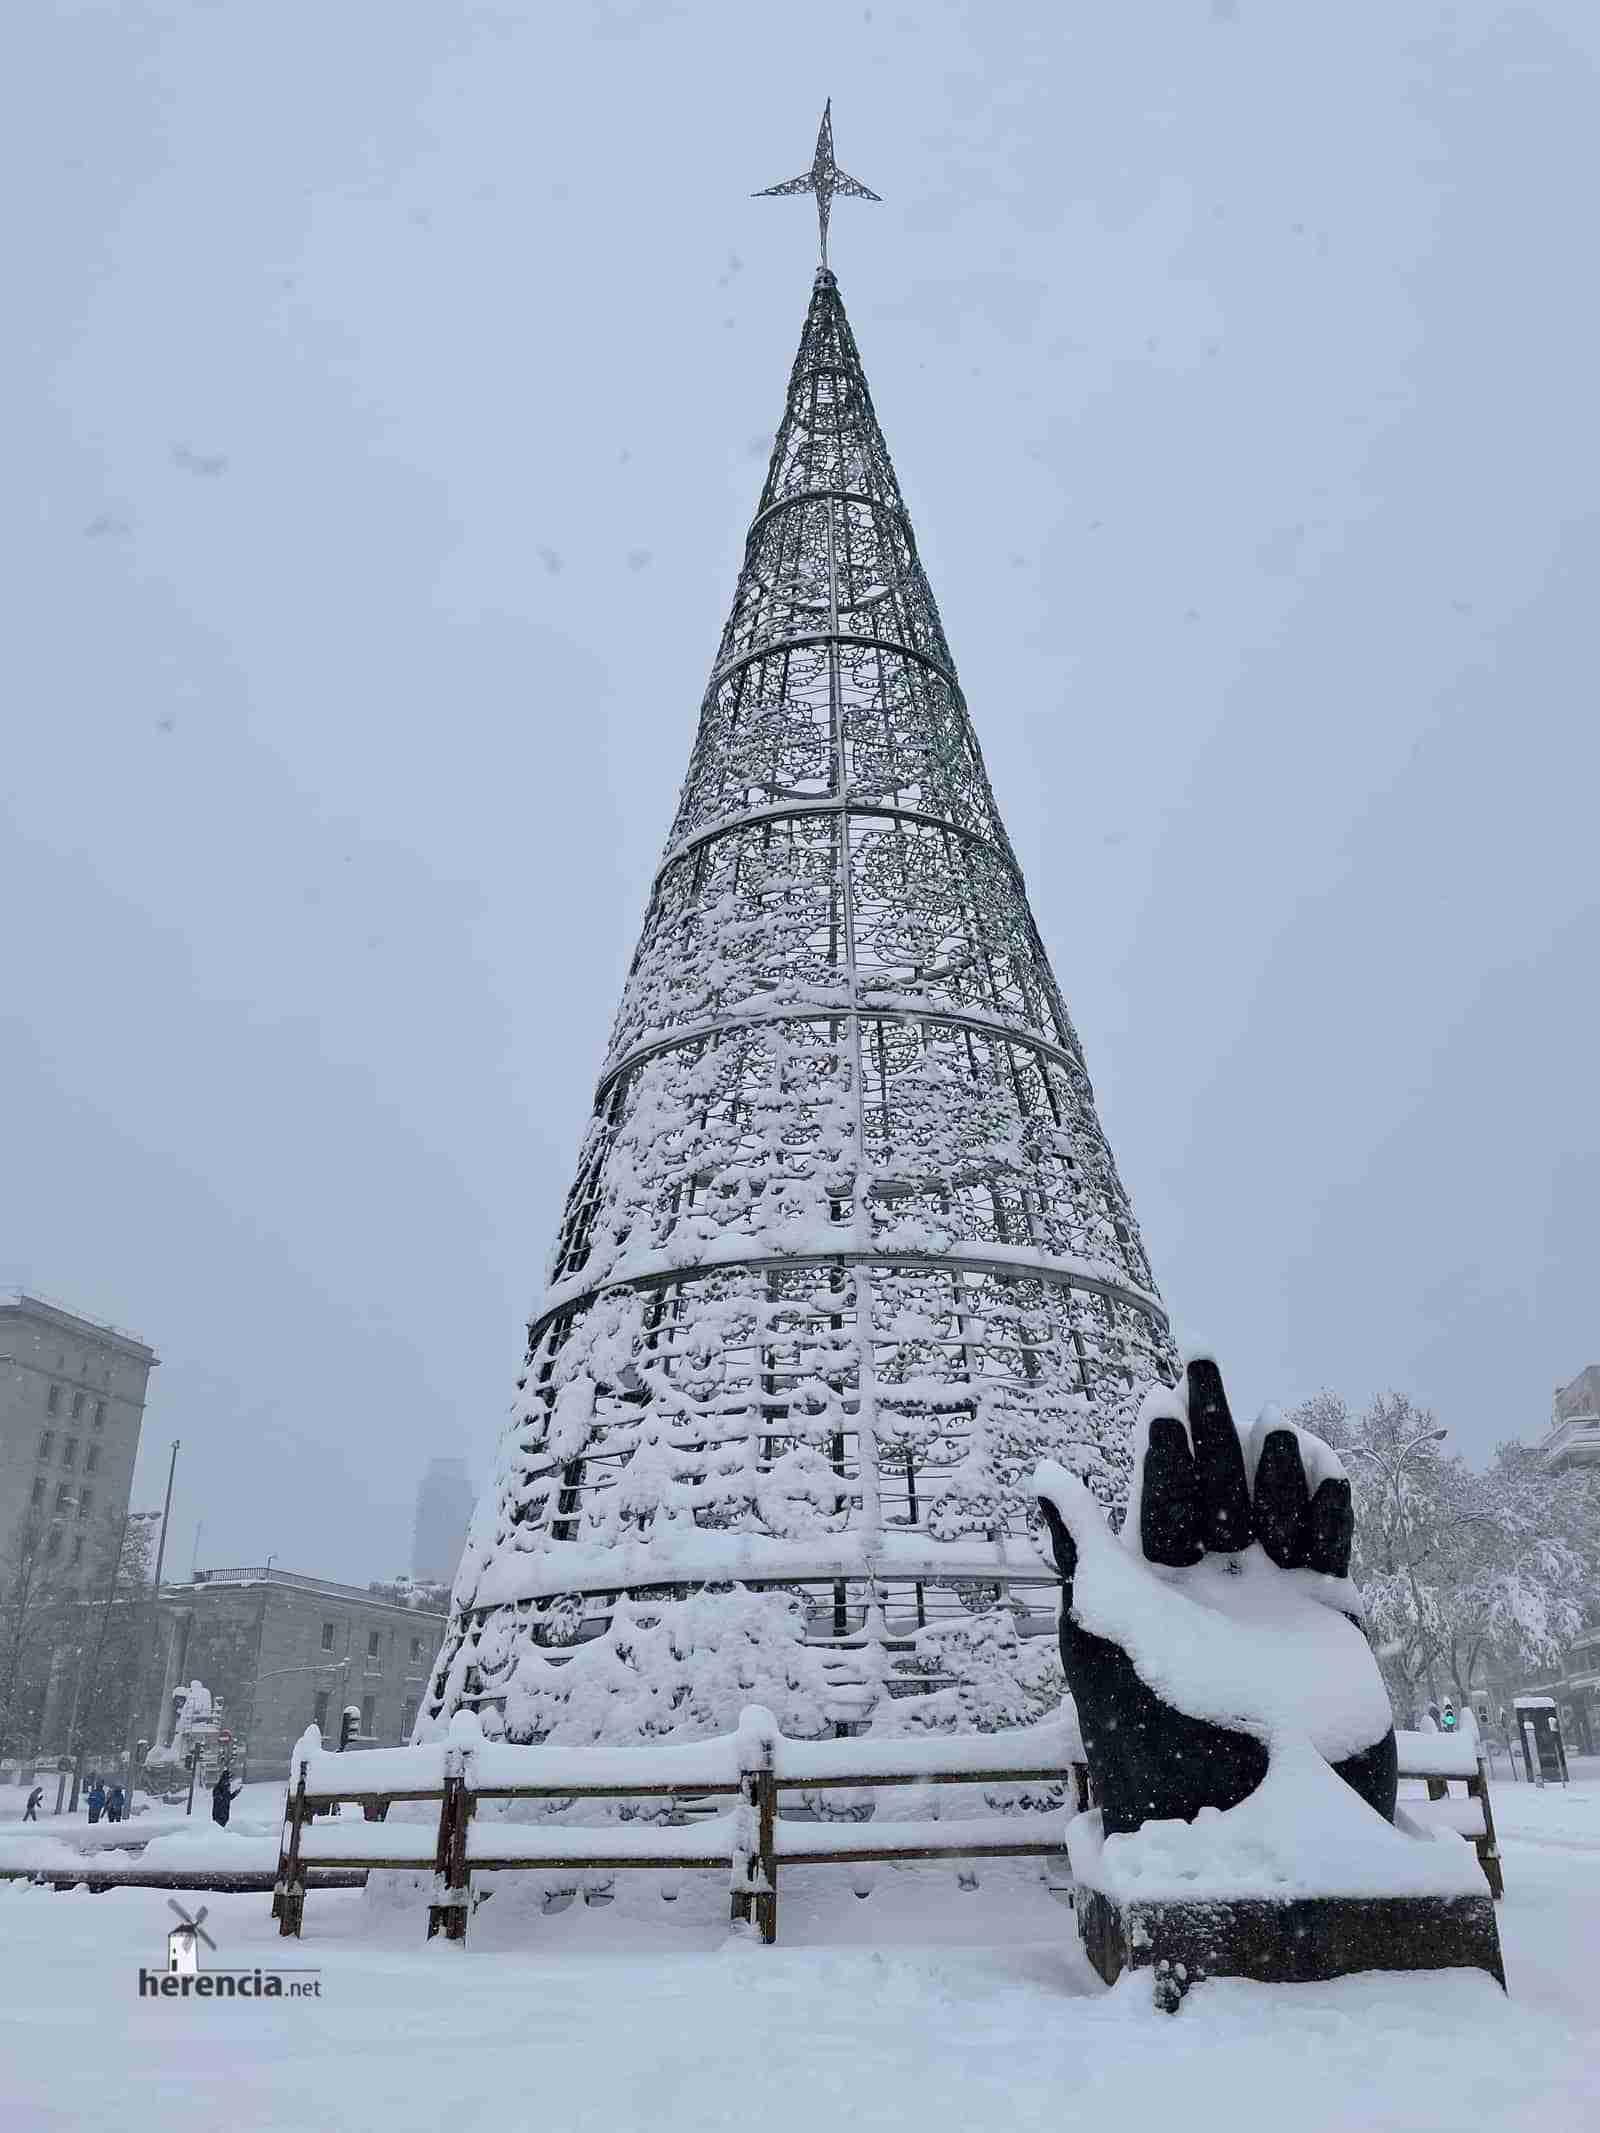 Fotografías de la nevada de enero en Madrid (España) 141